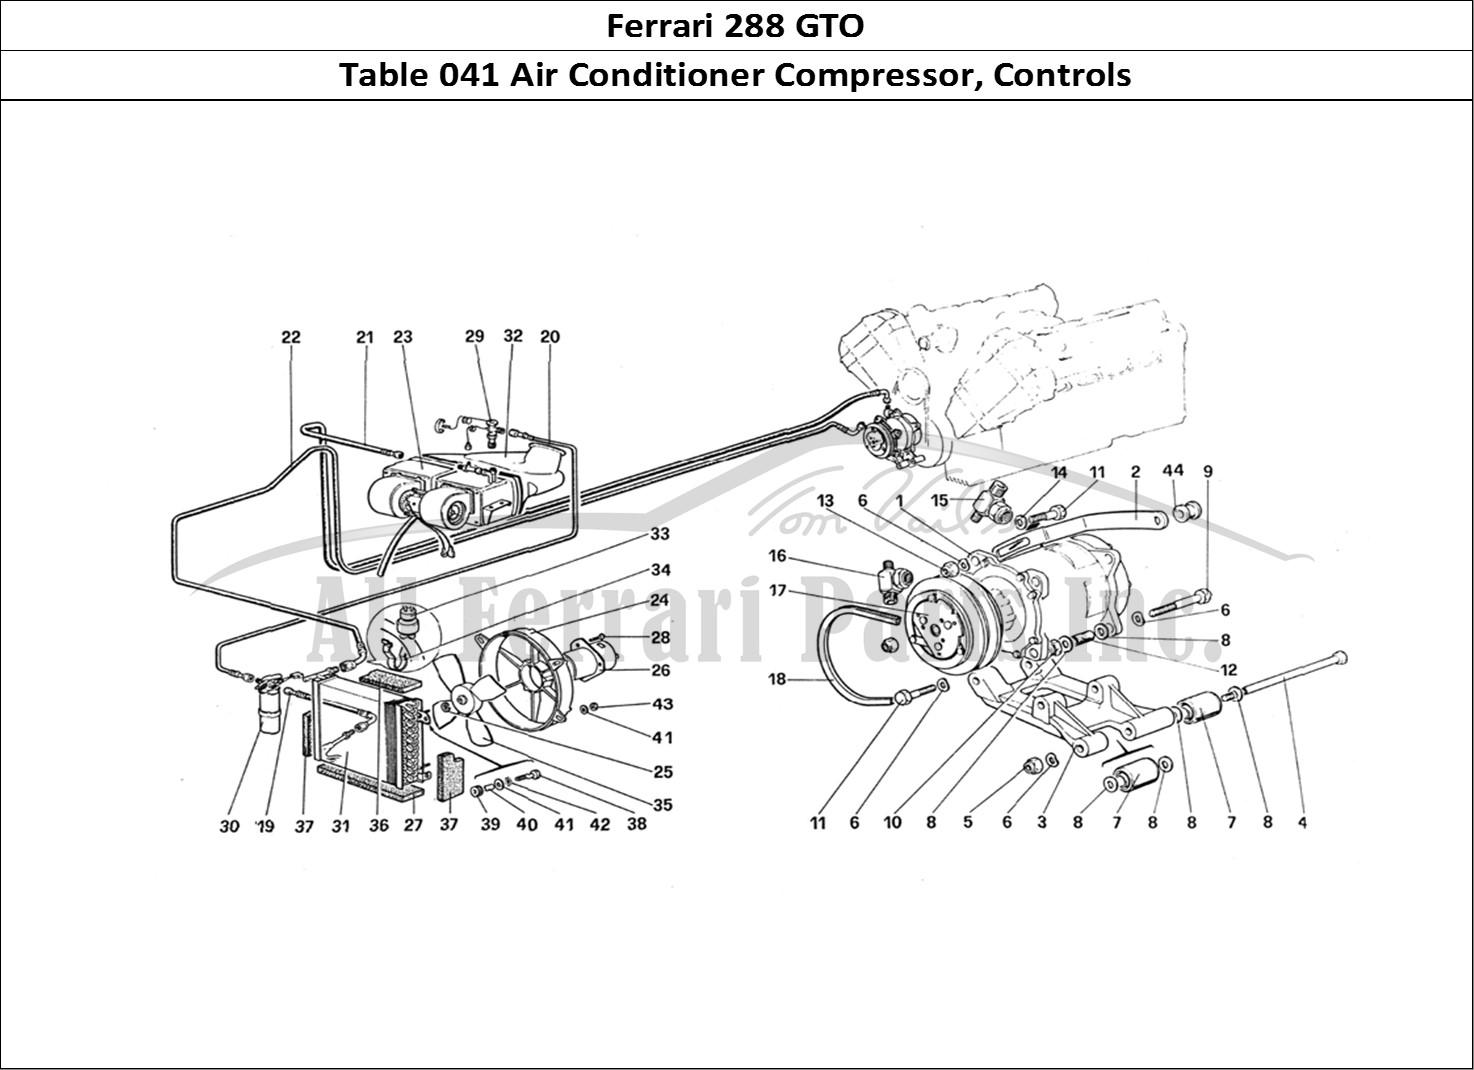 Buy Original Ferrari 288 Gto 041 Air Conditioner